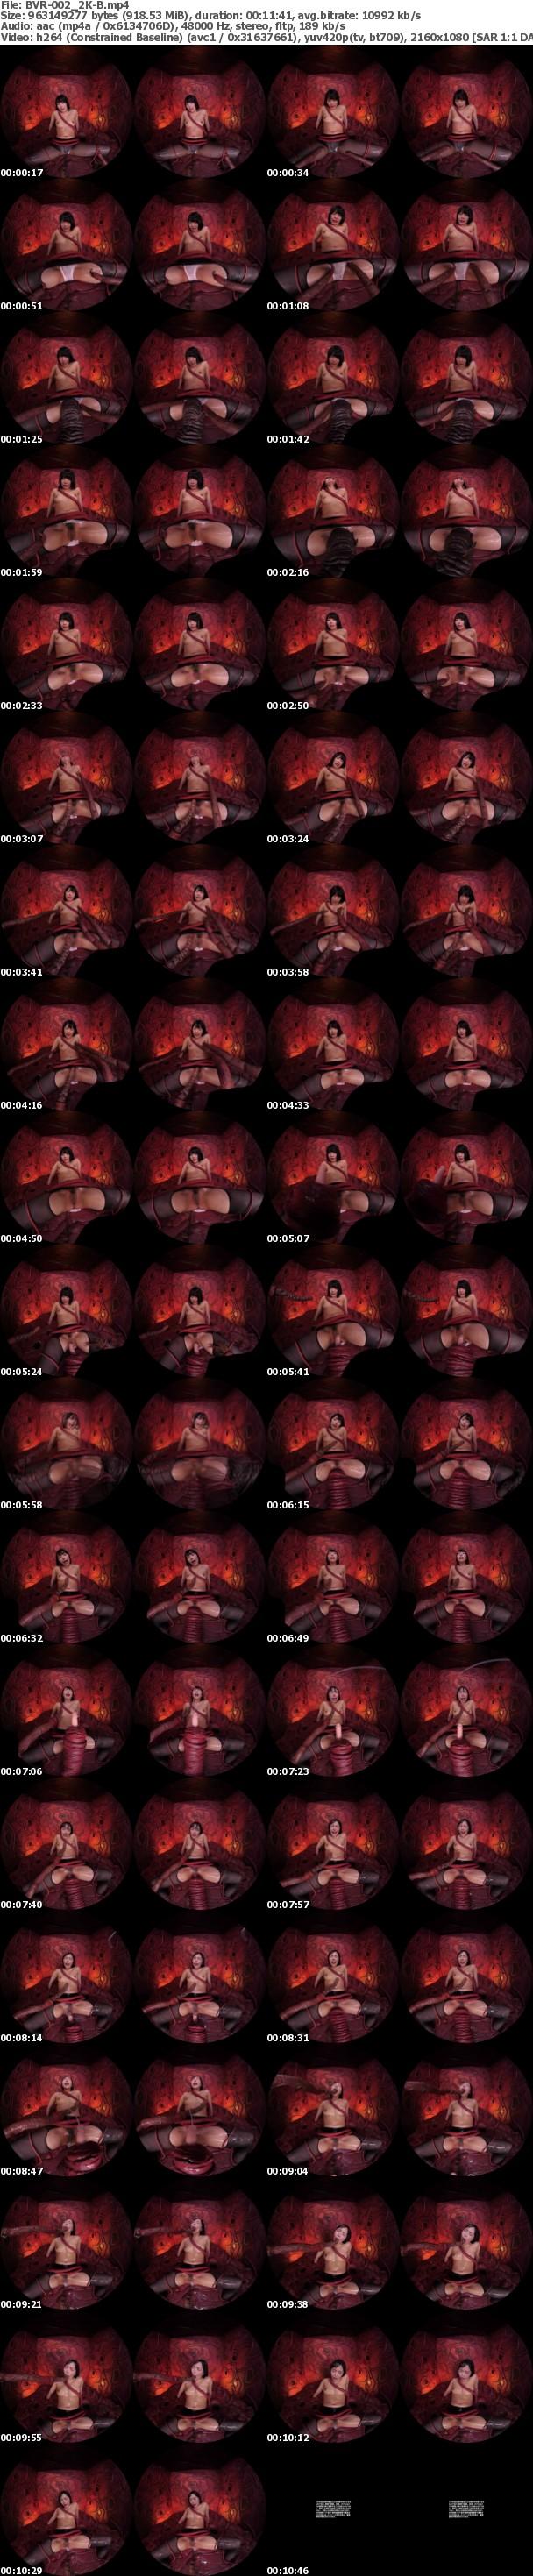 (VR) BVR-002 【4K匠】触手VR 第二章 囚われの美女 社長秘書 五十嵐星蘭